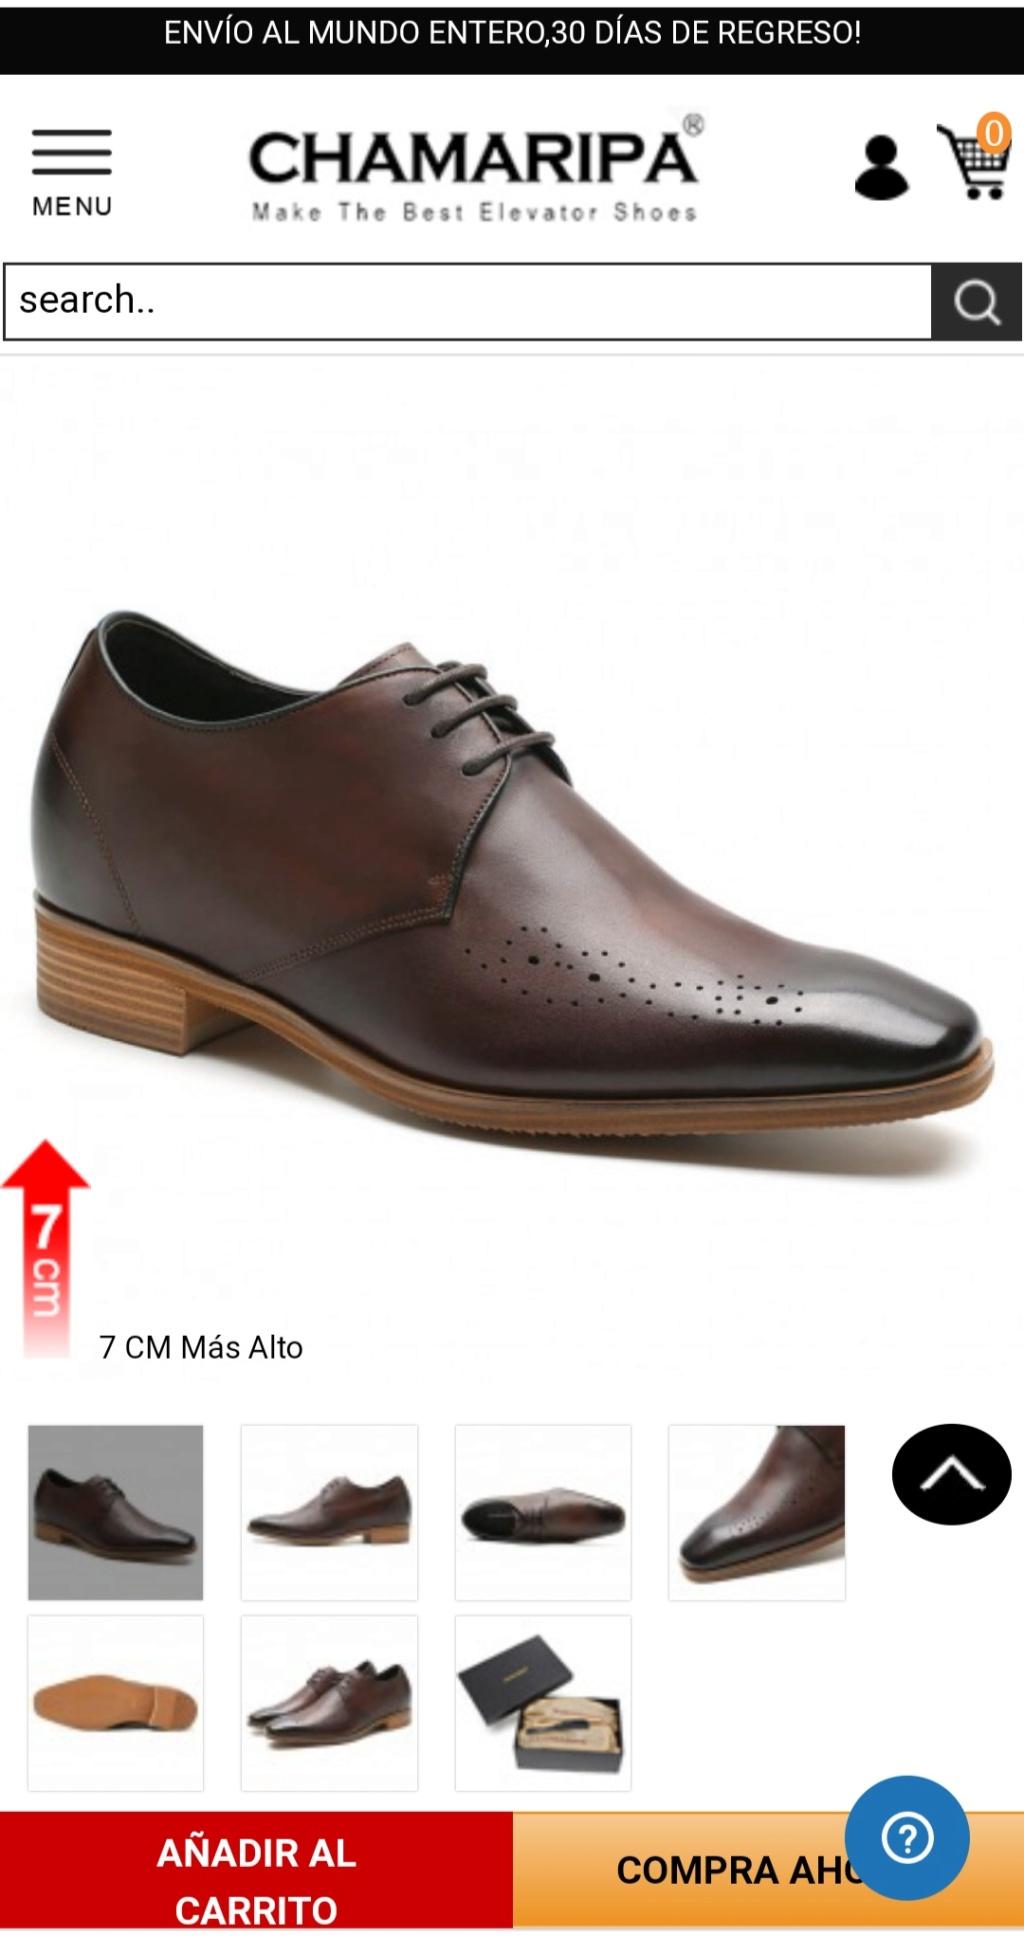 Zapatos con alzas - (lifts, elevator boots, alzas sueltas, etc) - Página 7 Img_2279